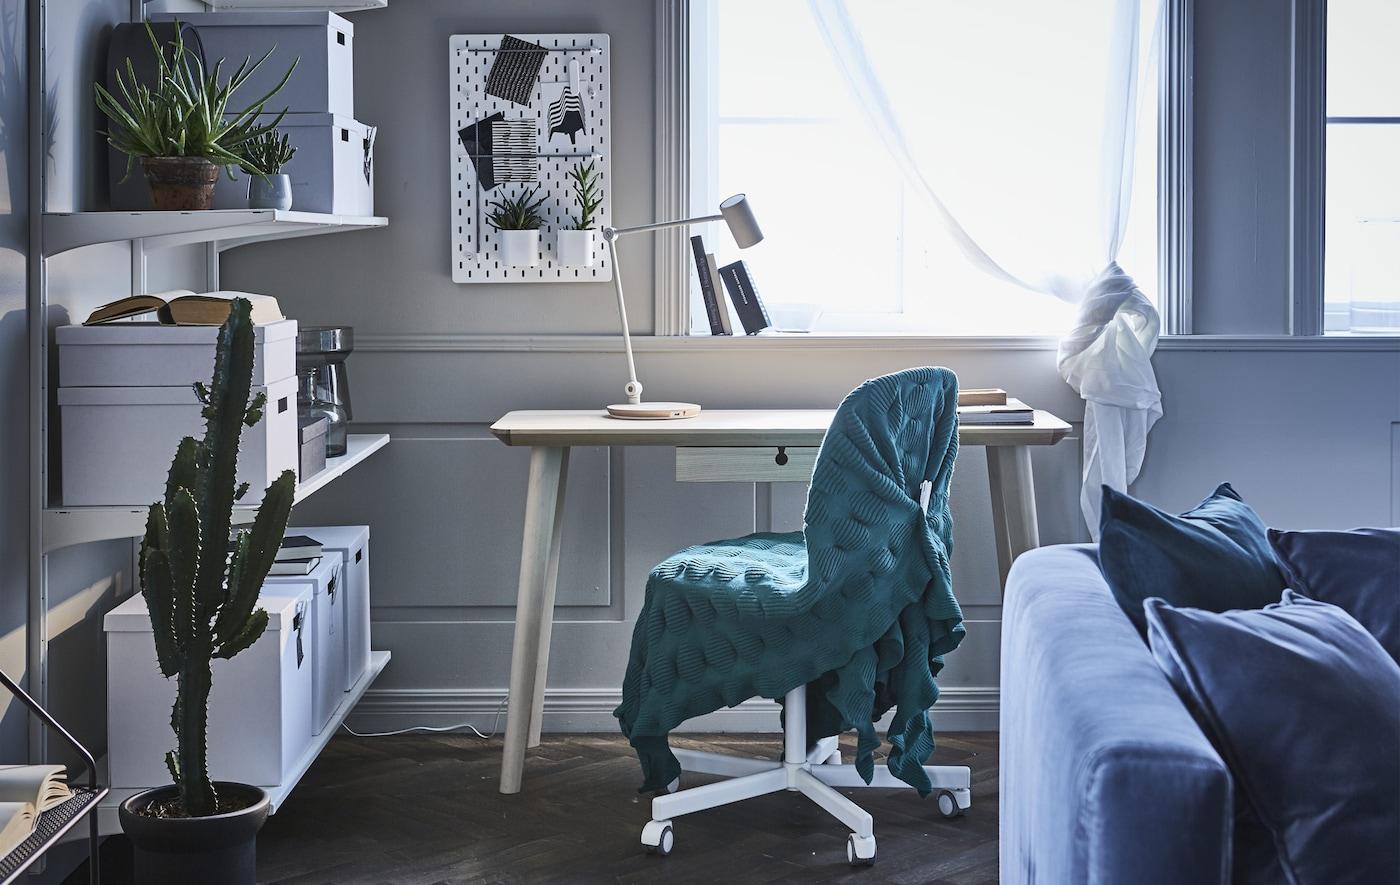 現代的なオフィス家具でリビングルームにモダンなホームオフィスをつくります!他のインテリアにチェアを溶け込ませるには、グリーンのひざ掛けでカバーします。イケアでは、ÖRFJÄLL/オルフィエル&SPORREN/スポーレン 回転チェアなど、オフィスチェアを幅広く取りそろえています。